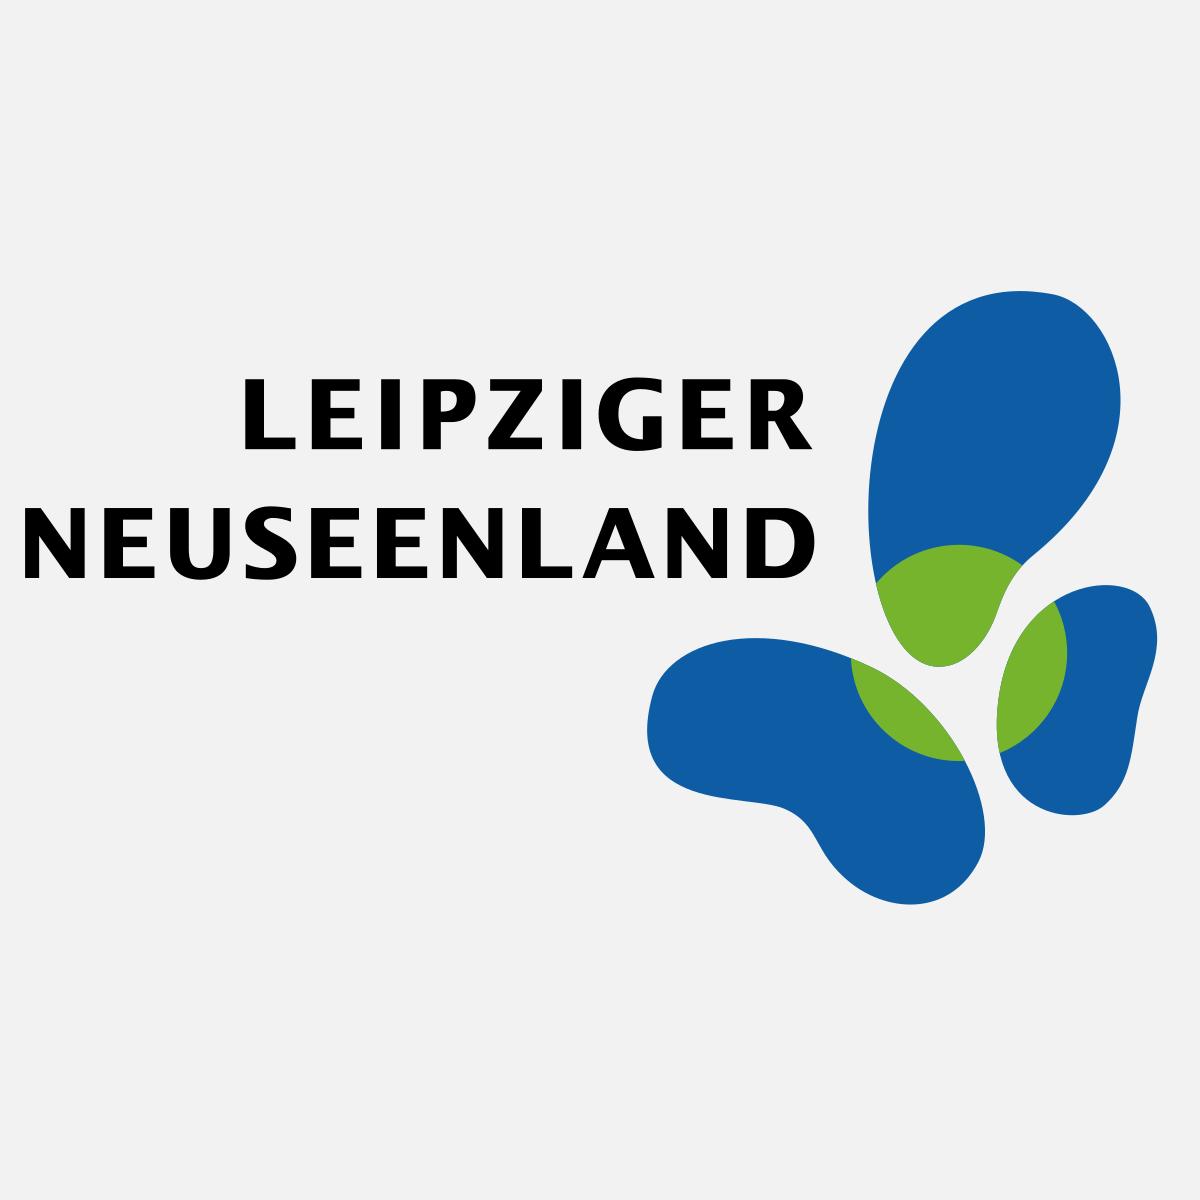 LEIPZIGER NEUSEENLAND  Die größte Landschaftsbaustelle Europas...